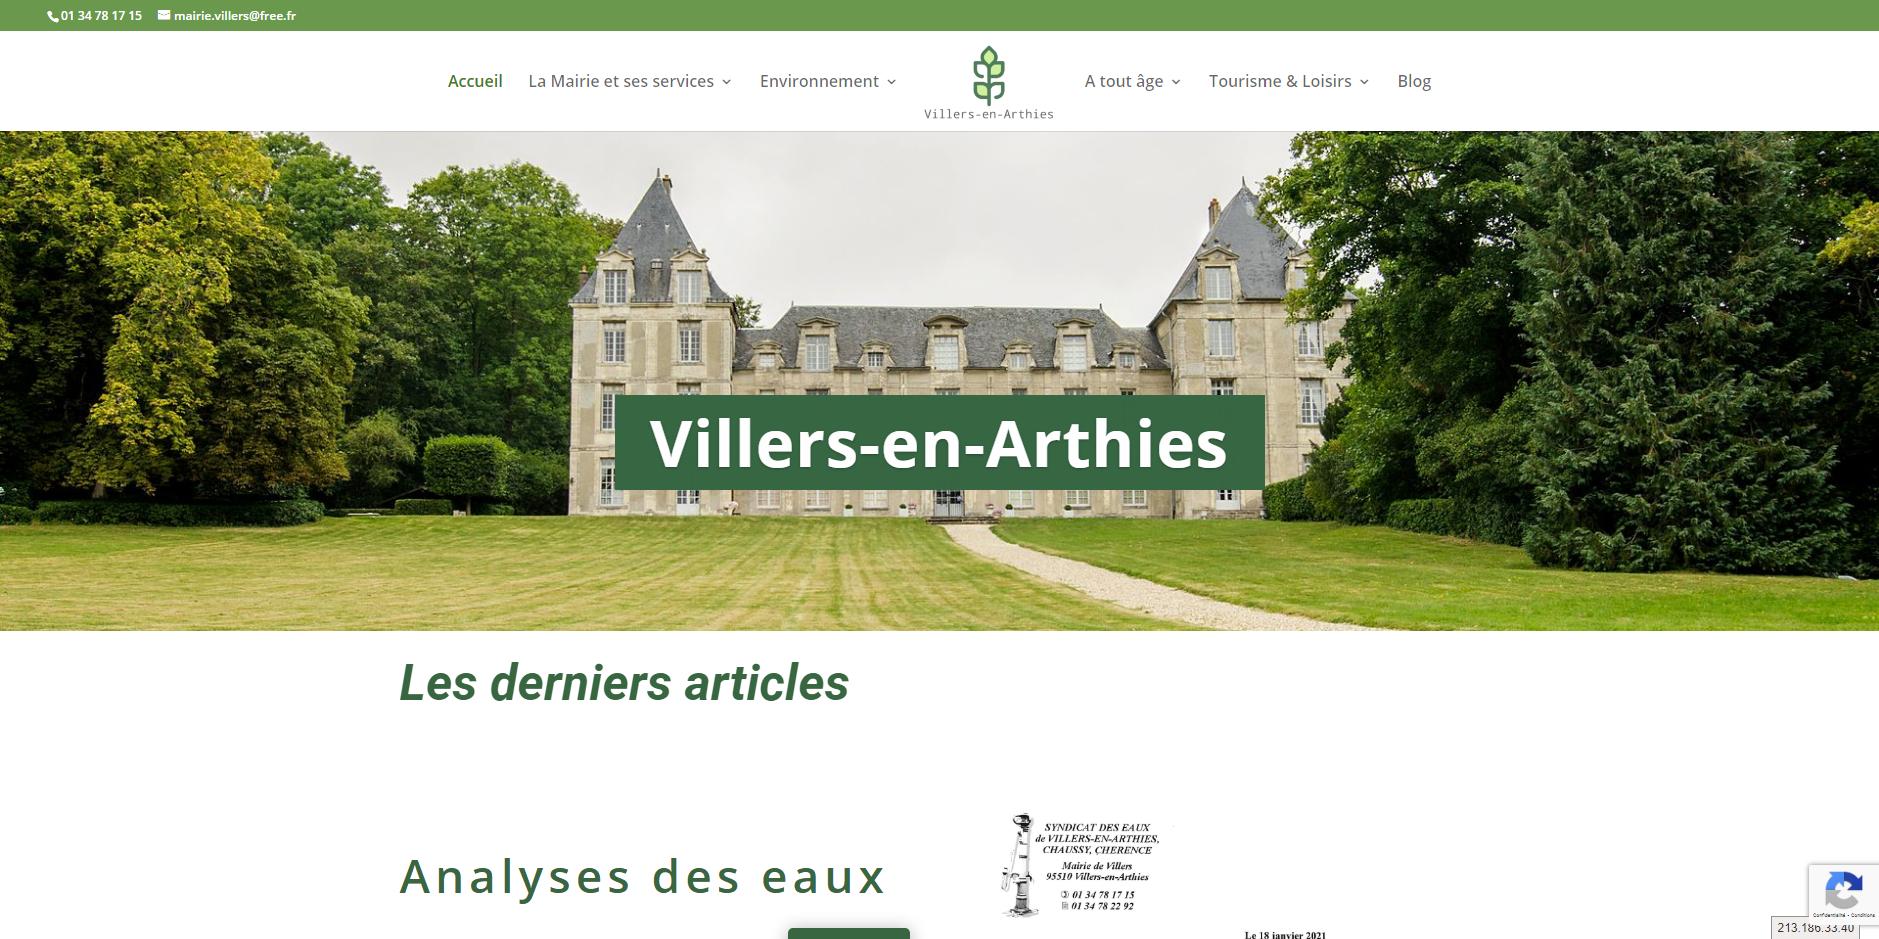 conception du site de Villers-en-Arthies par l'union des maires du Val-d'Oise